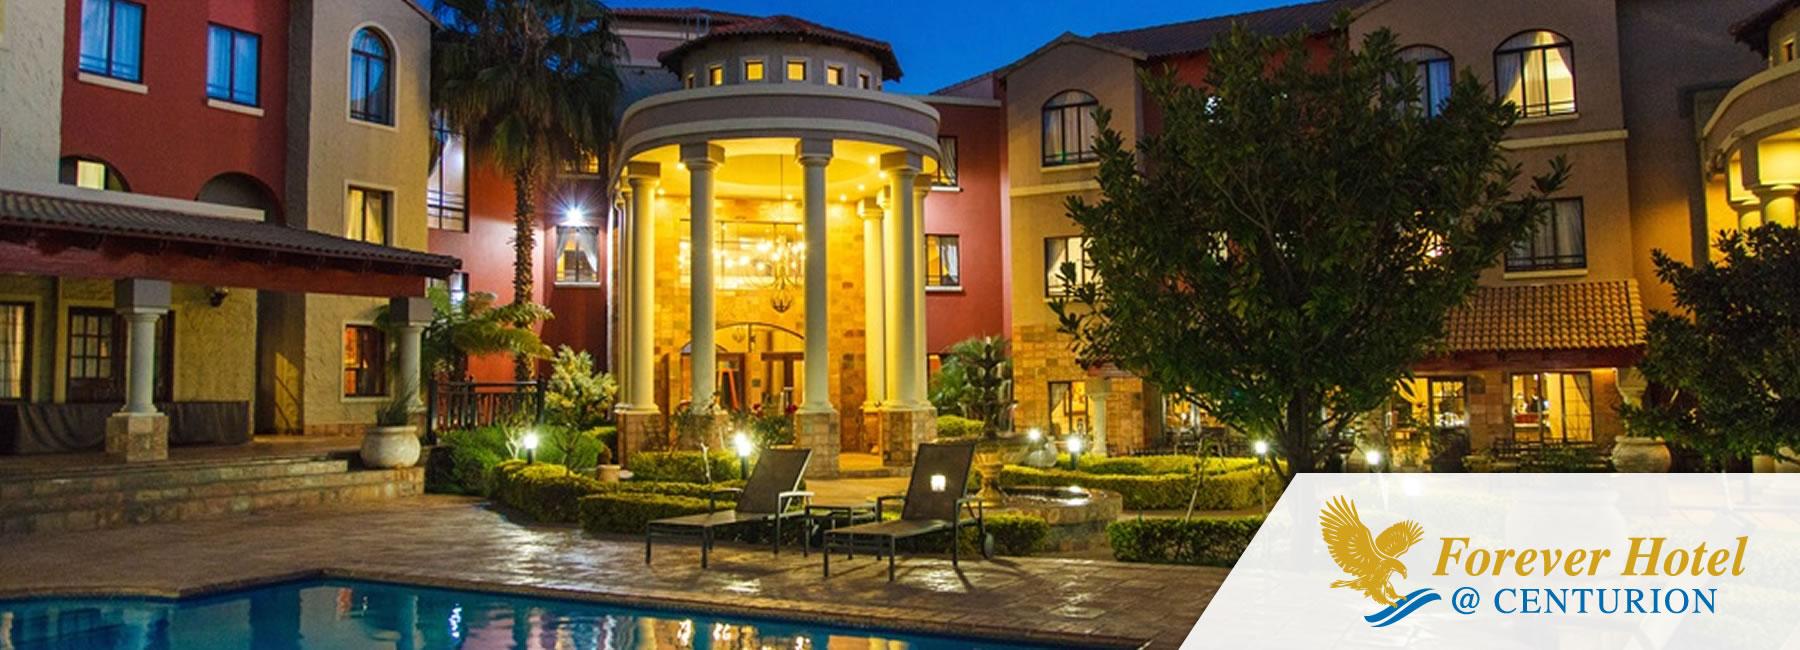 Forever Hotel @ Centurion